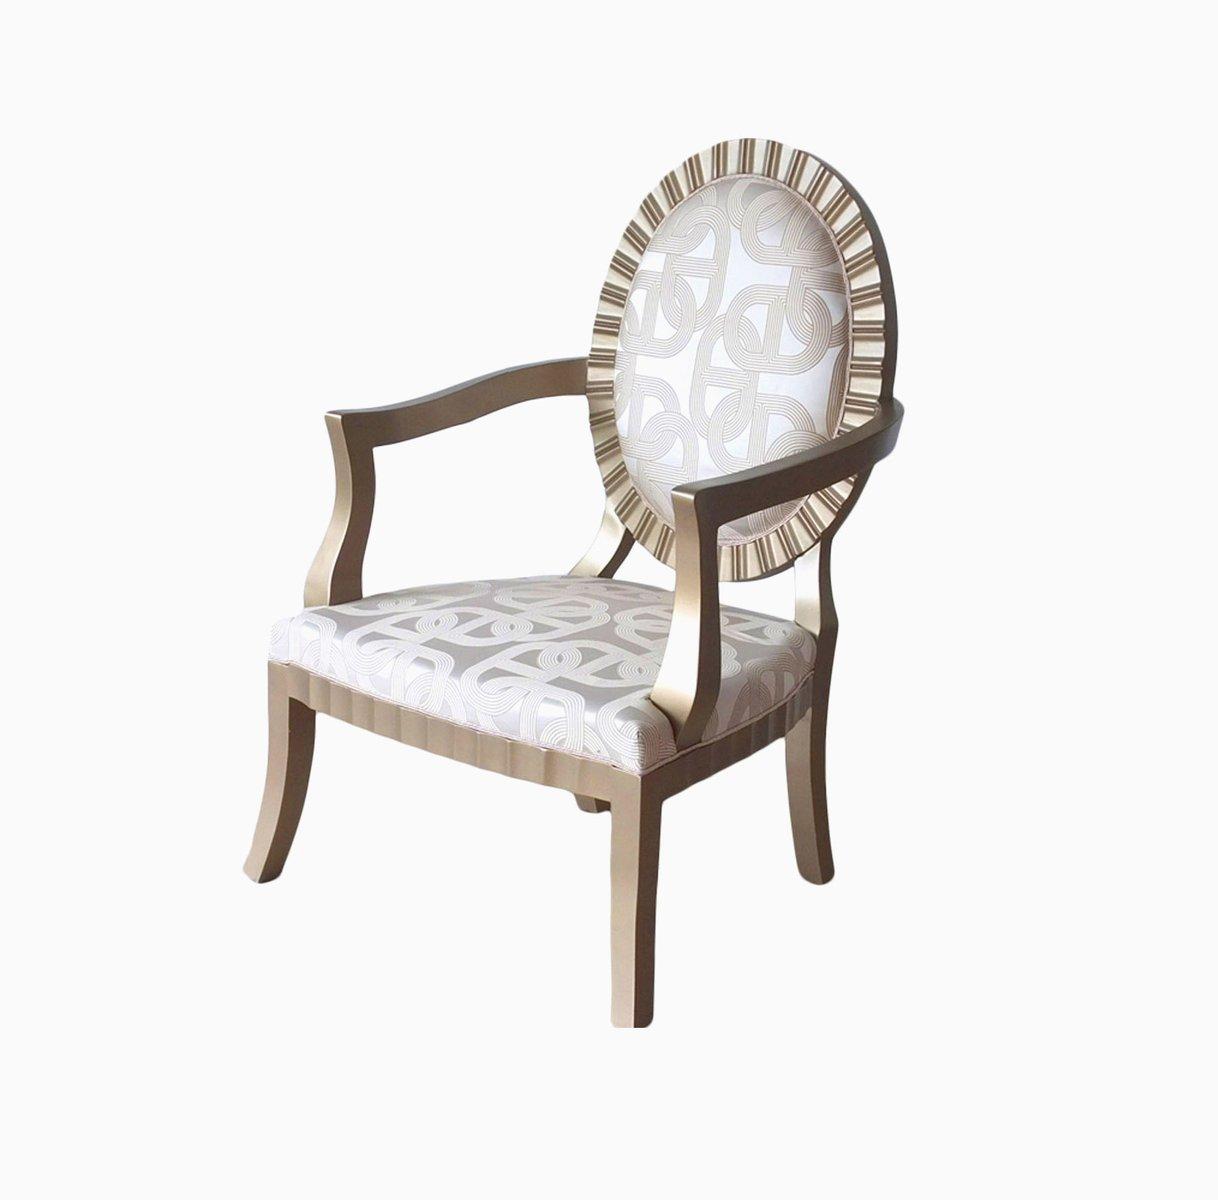 fauteuil art d co en tissu d 39 ameublement herm s 2015 en vente sur pamono. Black Bedroom Furniture Sets. Home Design Ideas